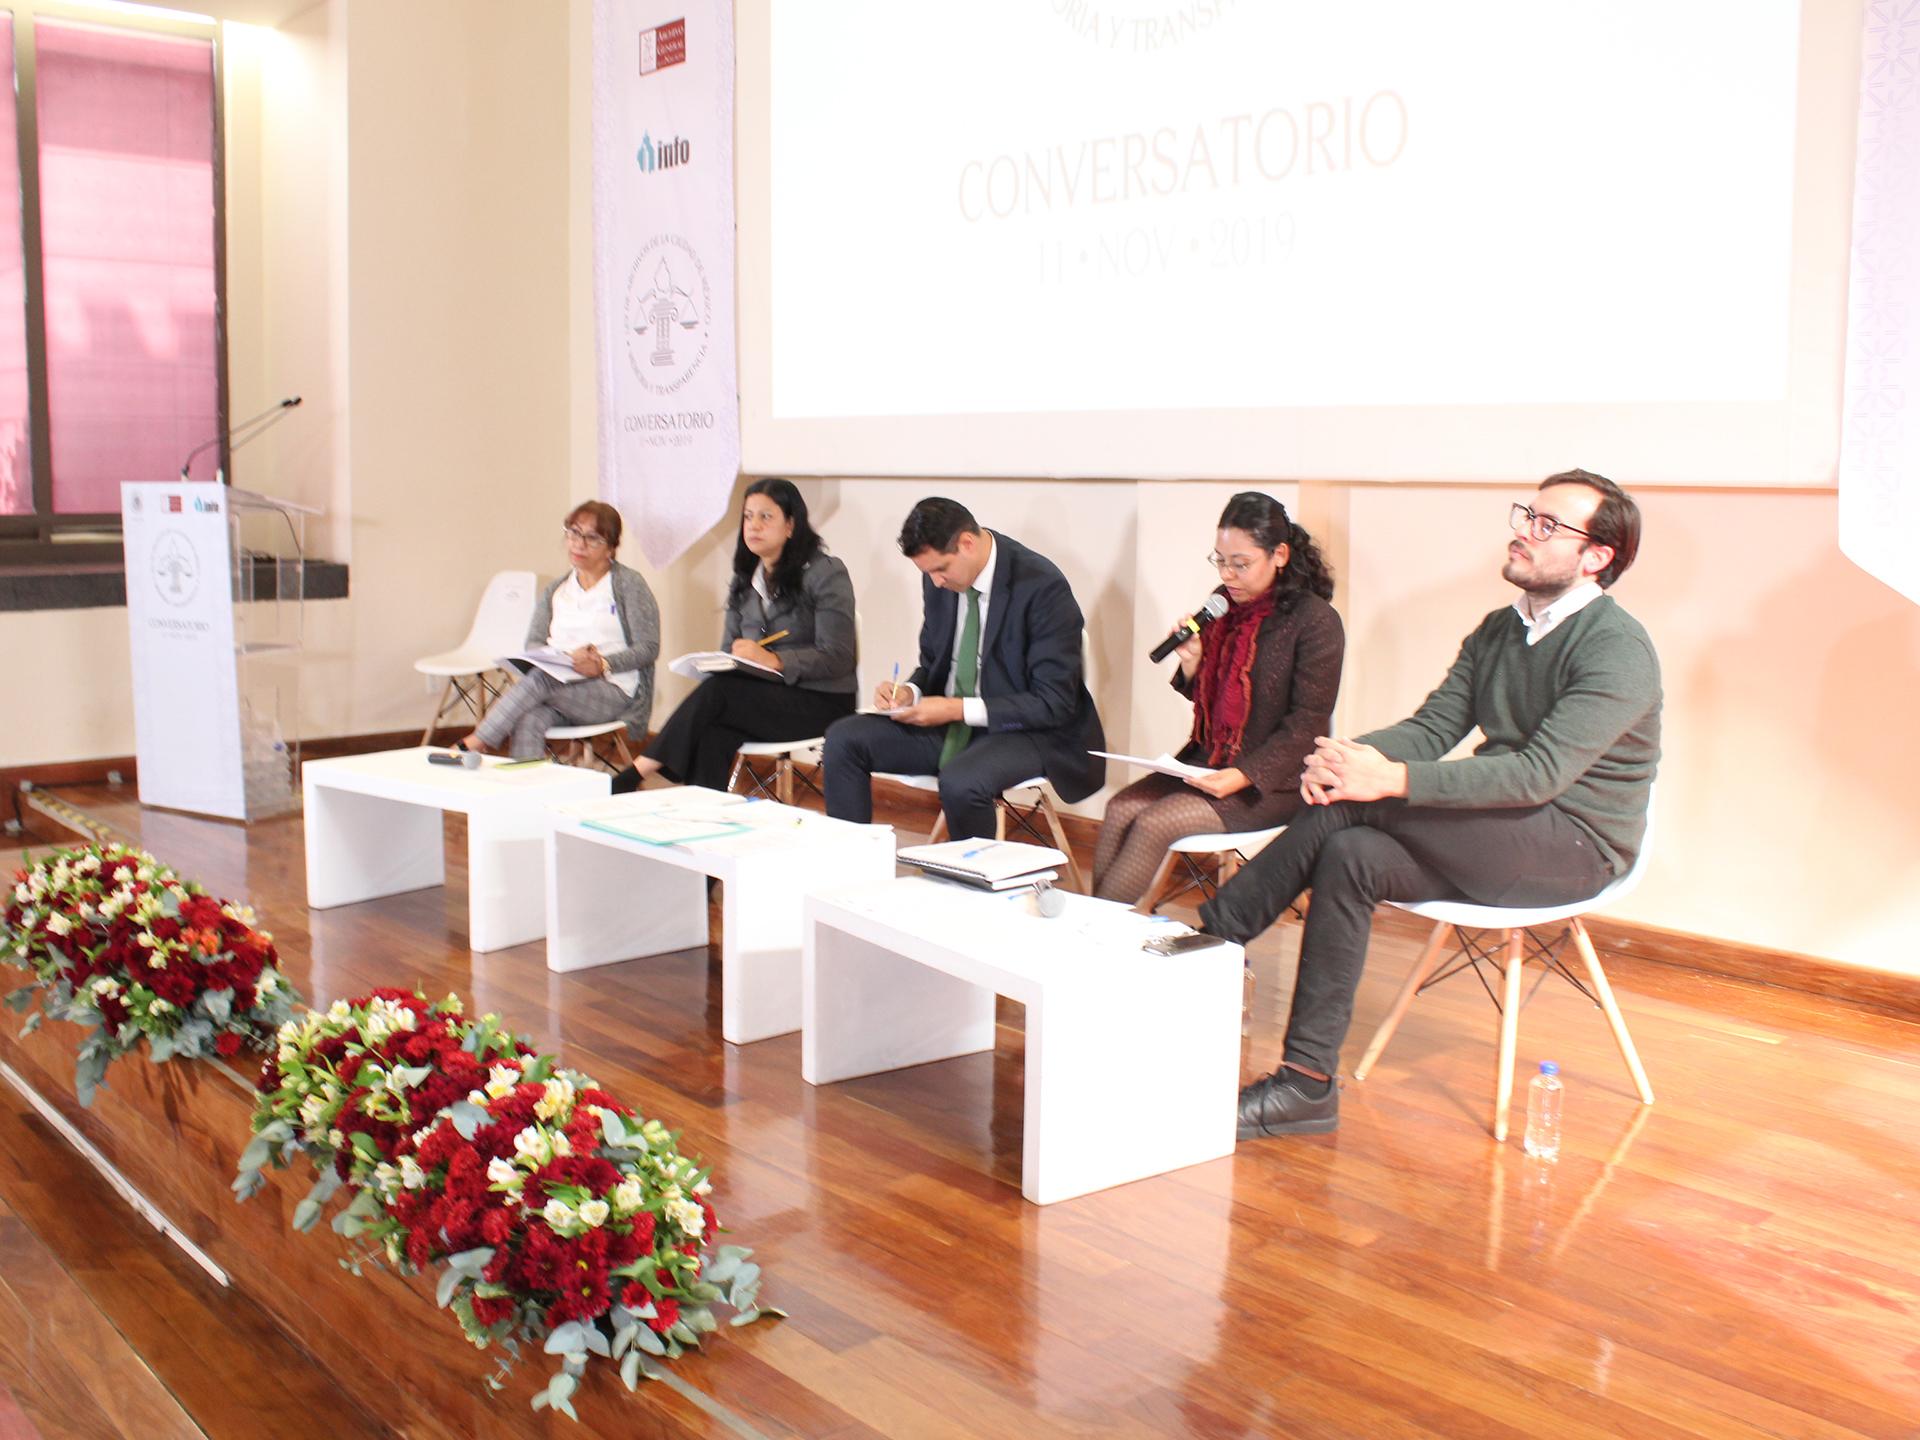 Fotografía de 5 panelistas sentados en el podio del auditorio del AGN